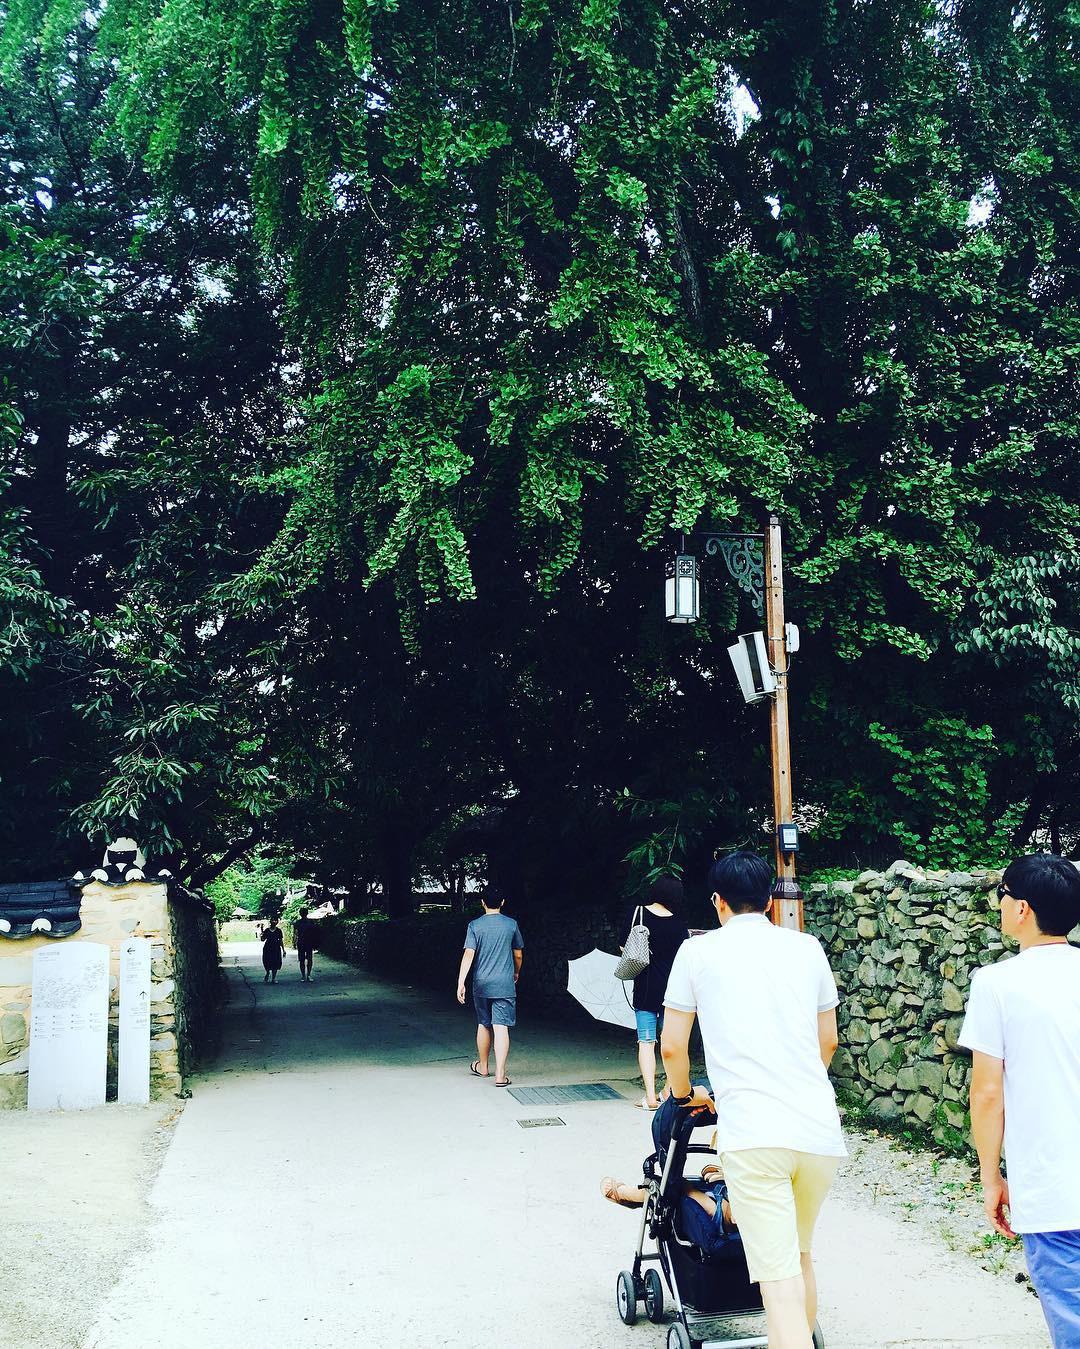 Thong thong khám phá văn hóa truyền thống tại 5 ngôi làng cổ đặc sắc nhất xứ Hàn - Ảnh 30.